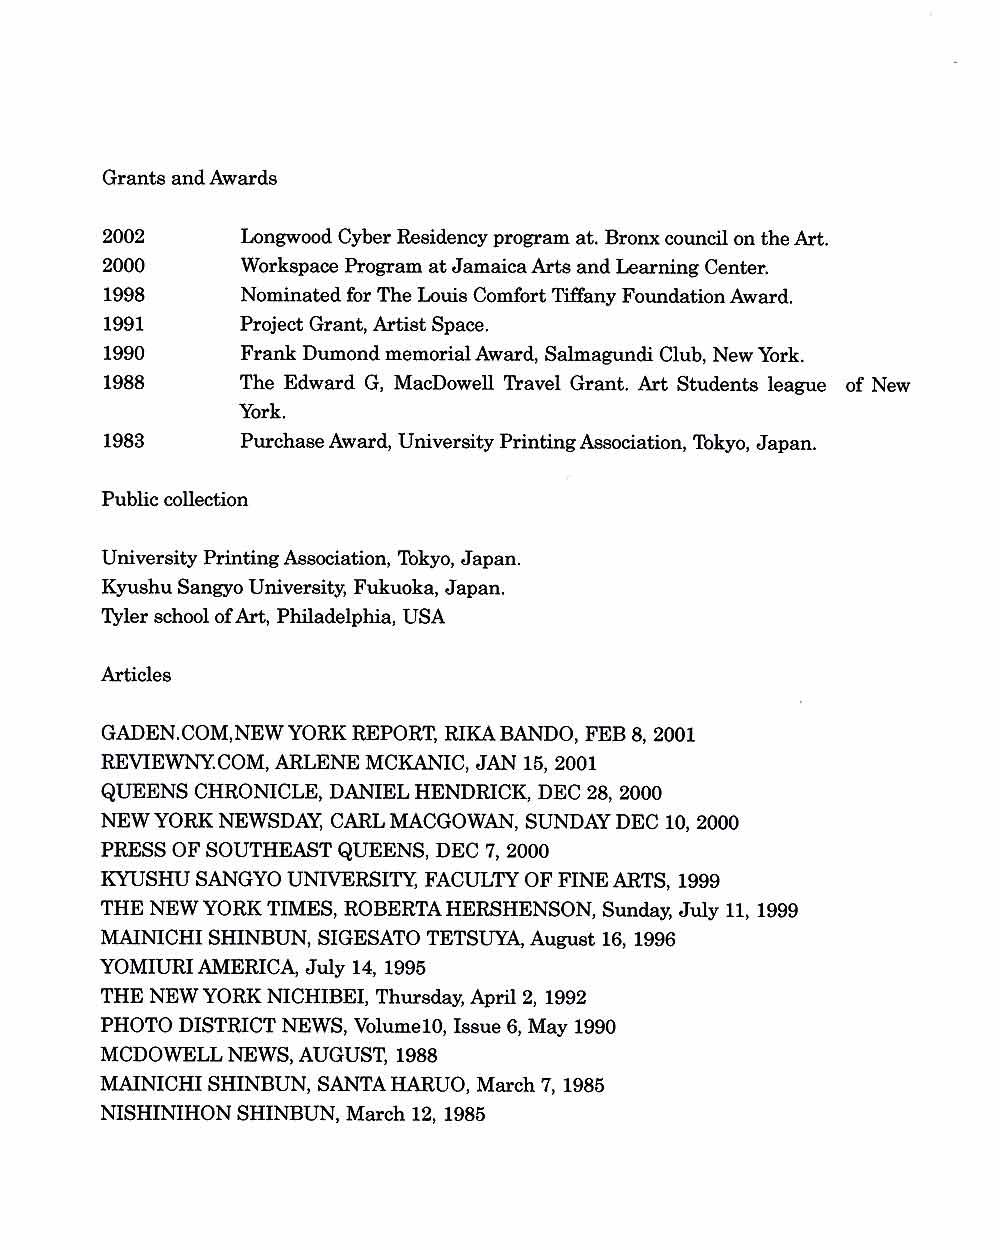 Kenta Furusho's Resume, pg 2